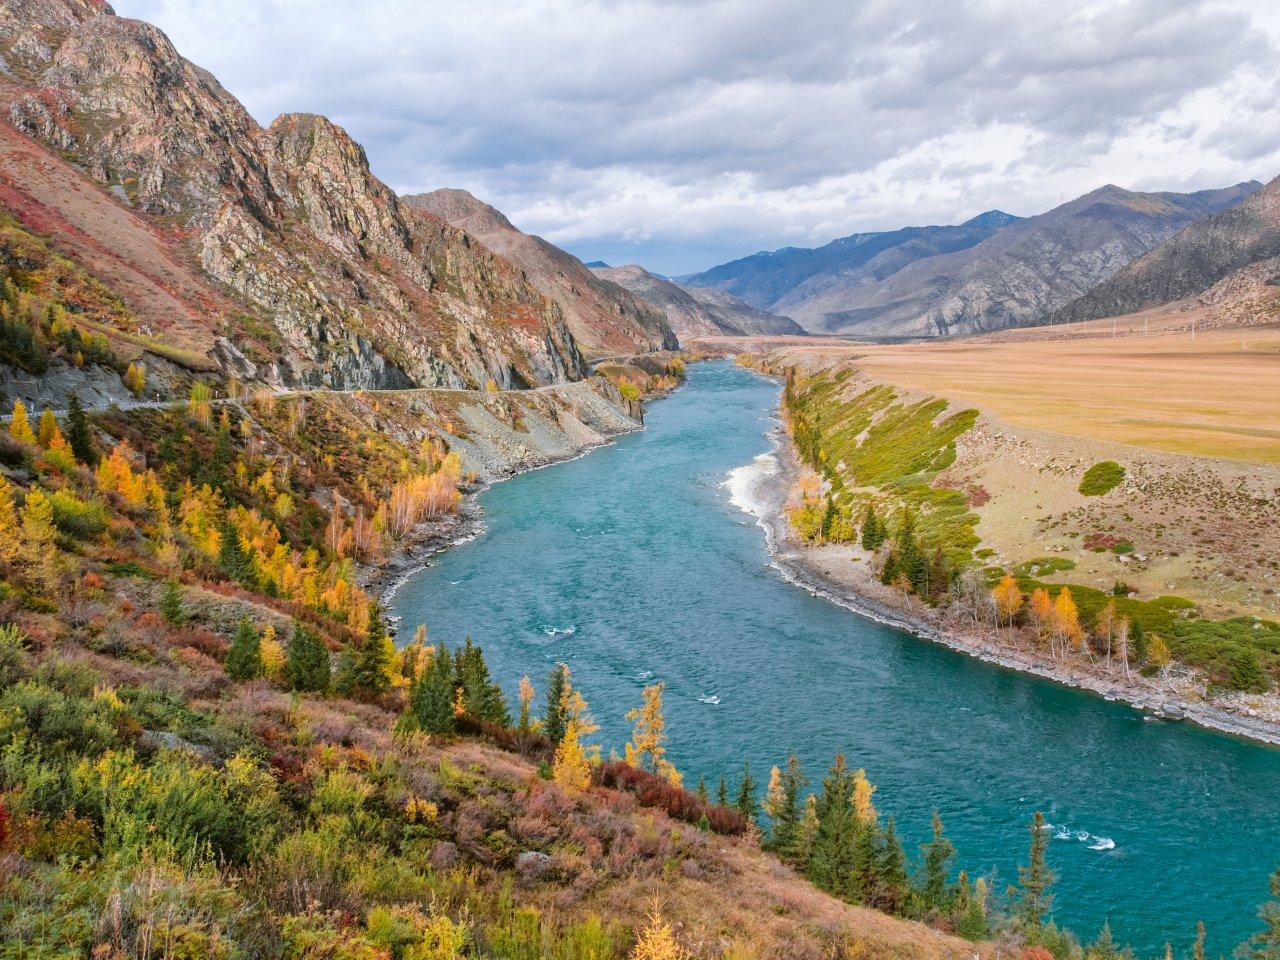 Река Катунь. Фото: Alexey Olenchenko / Shutterstock